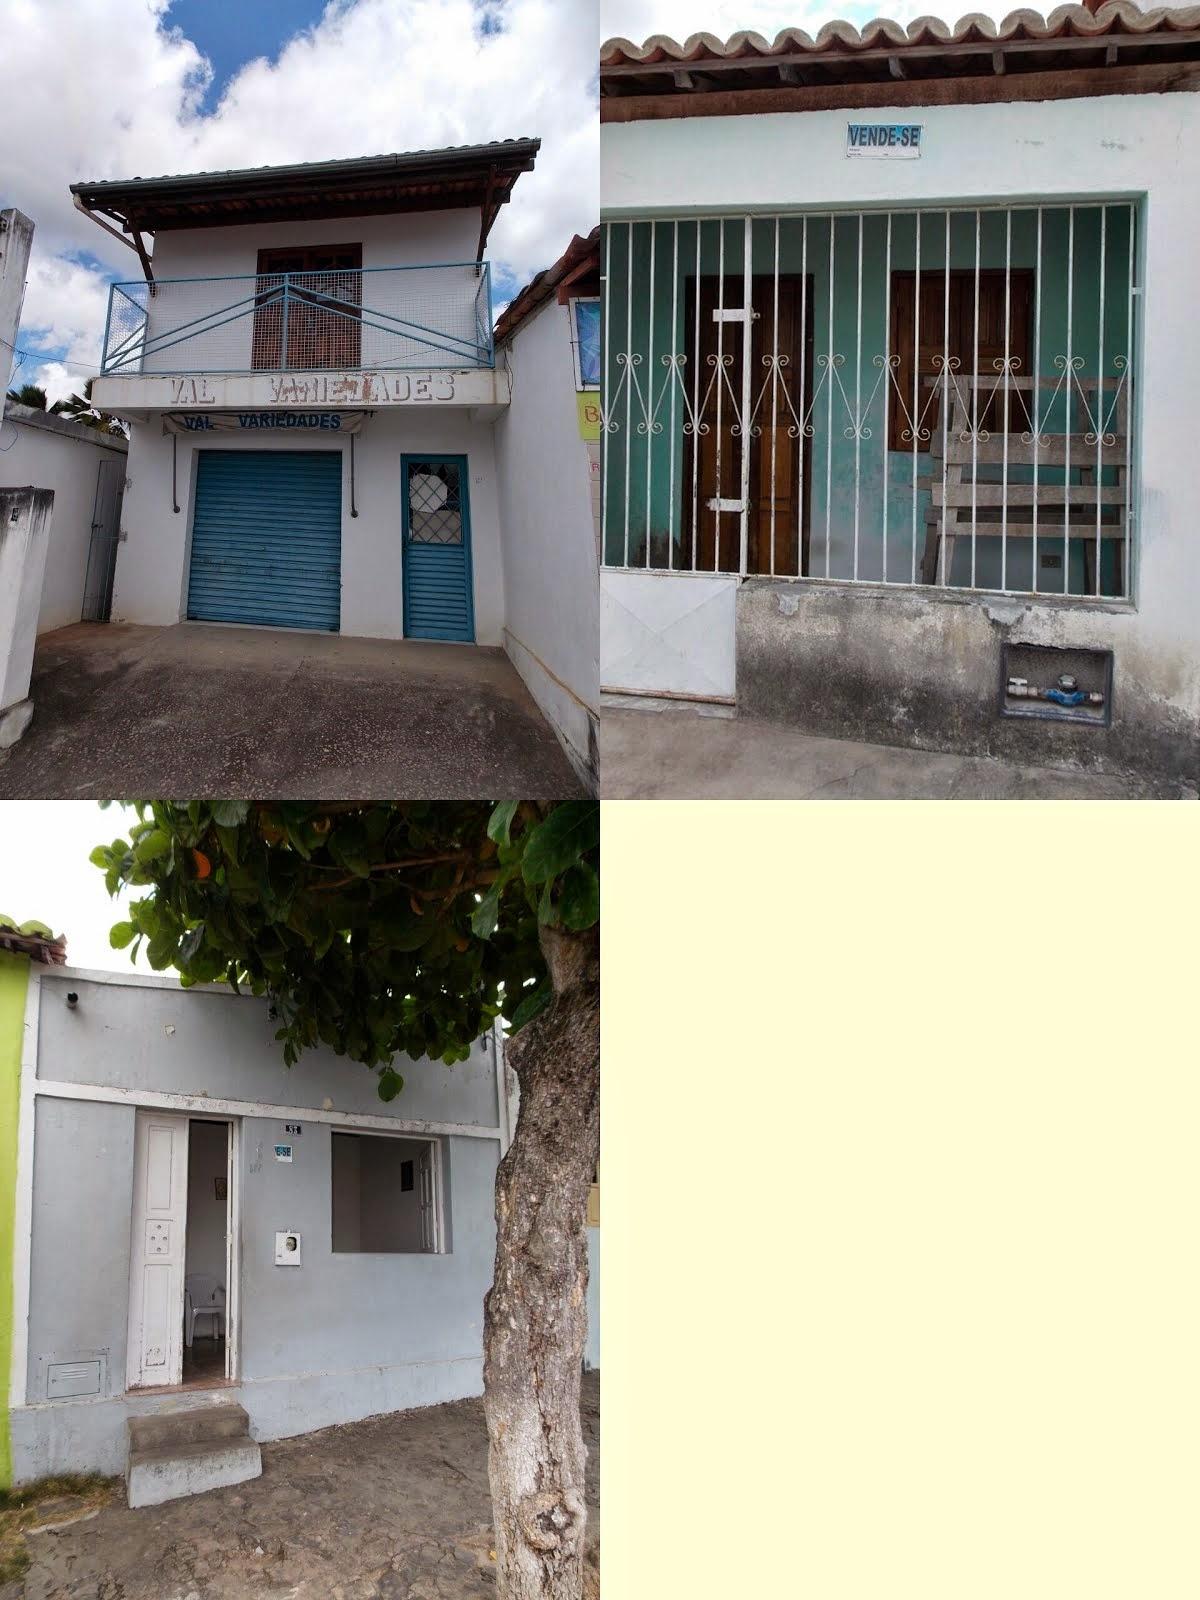 Vende-Se 3 belas casas em Macajuba